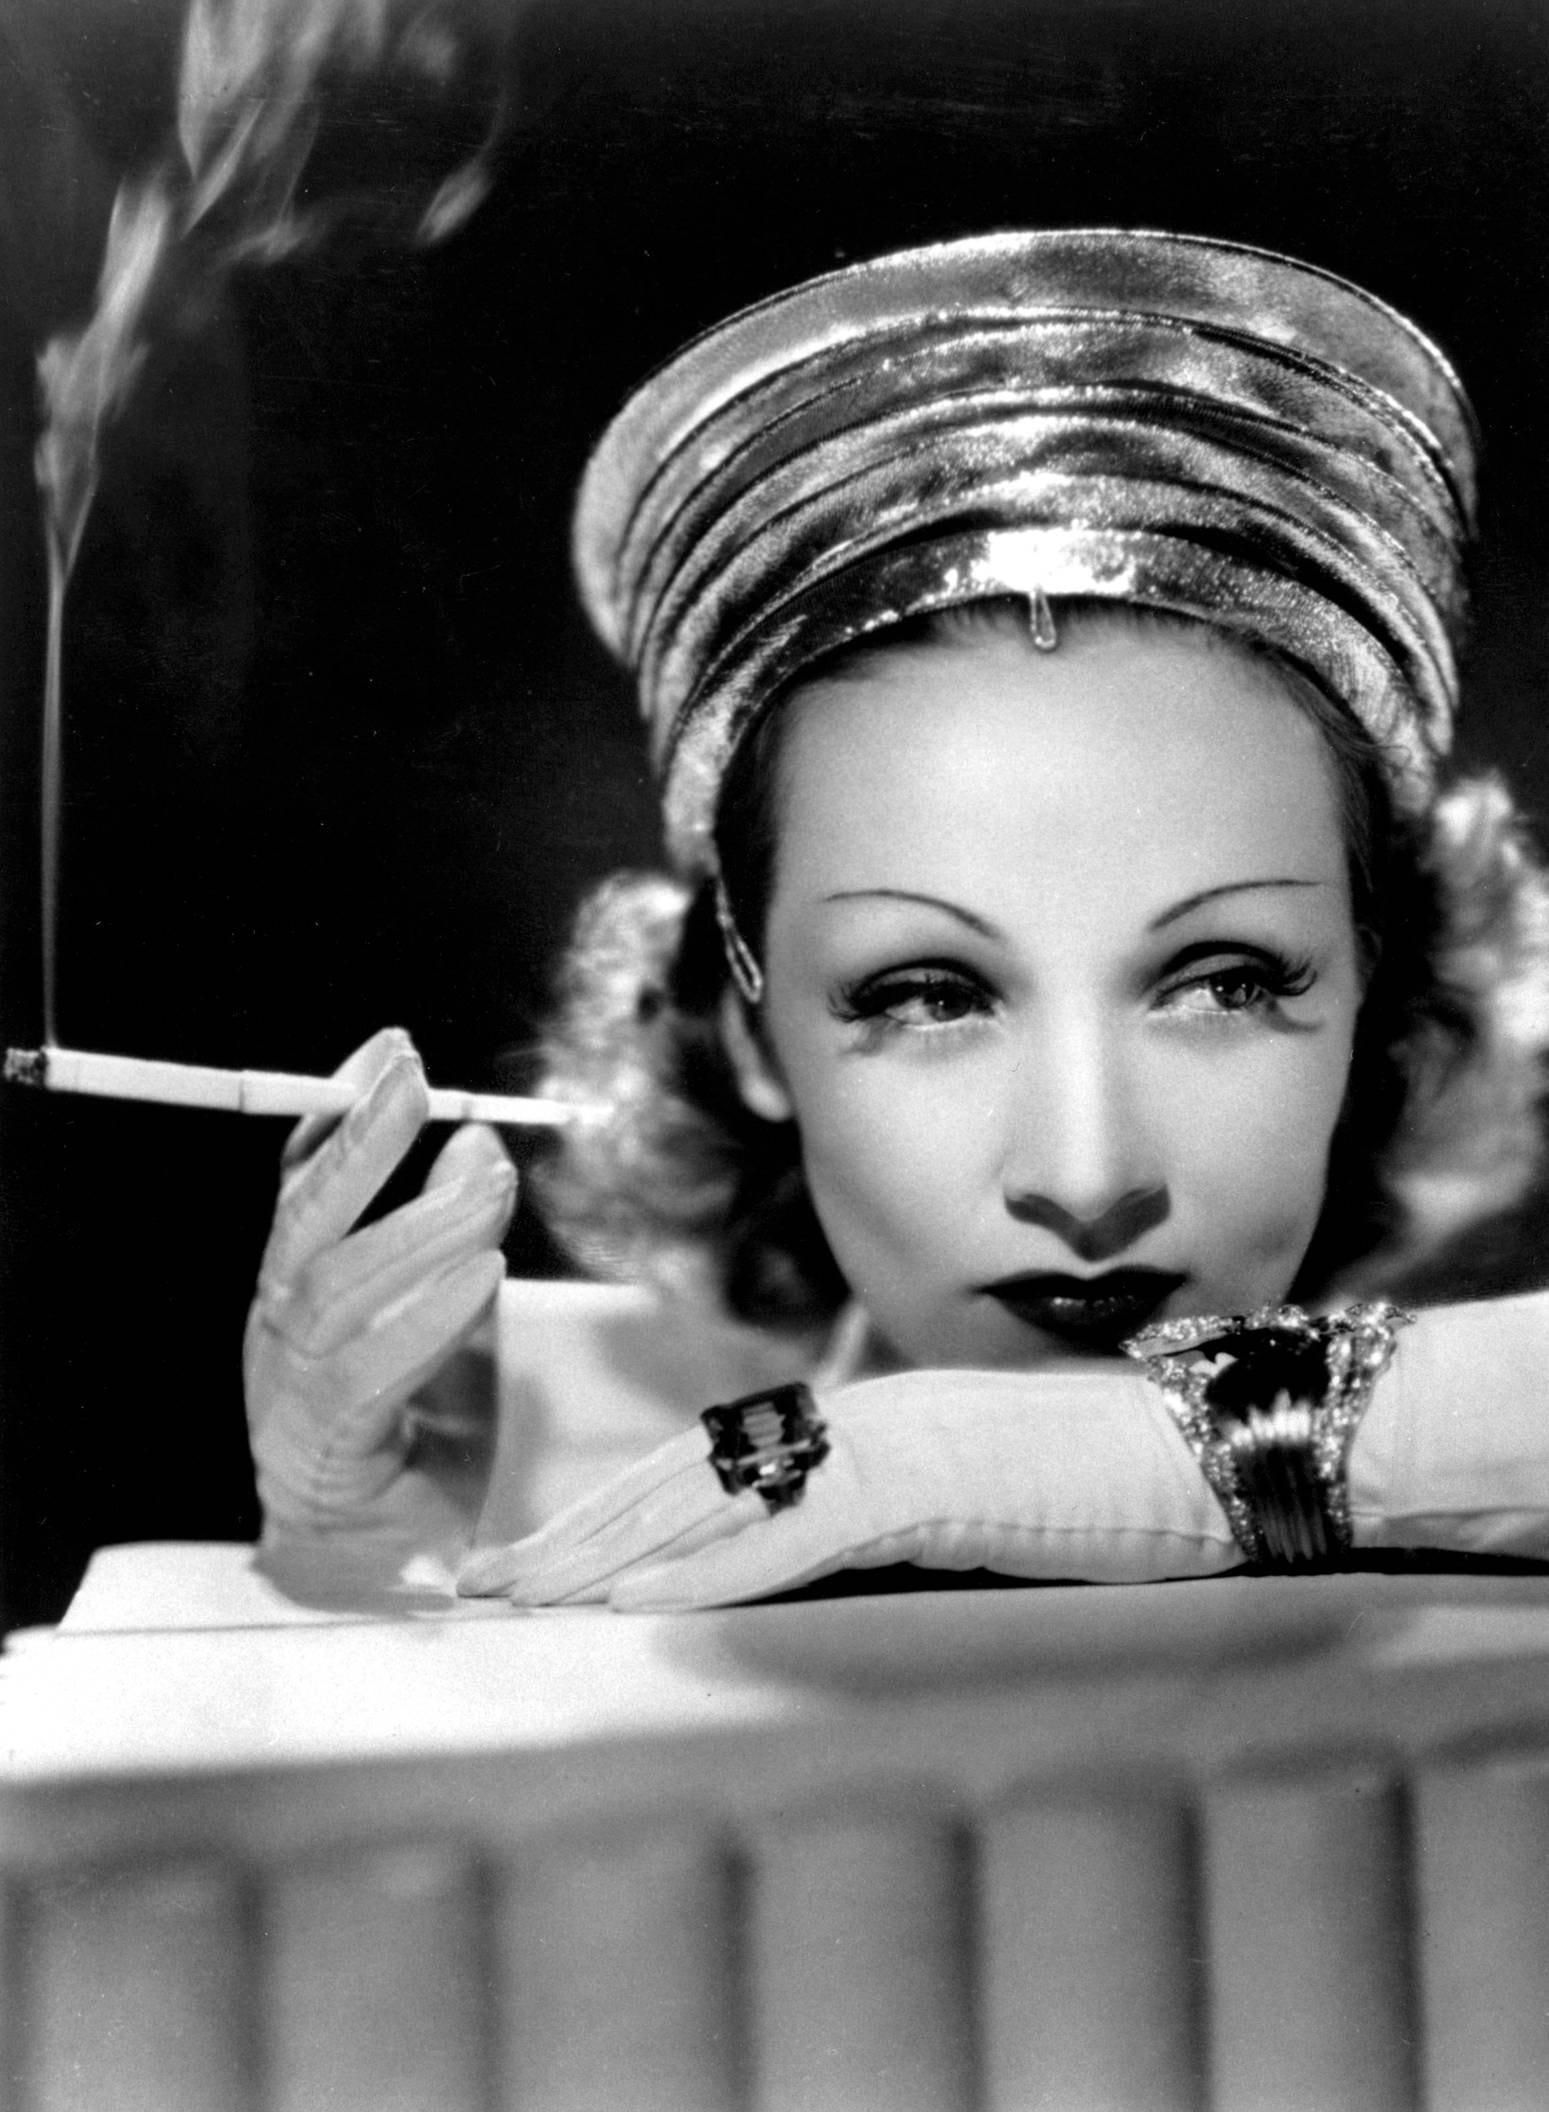 Marlene Dietrich For mobile